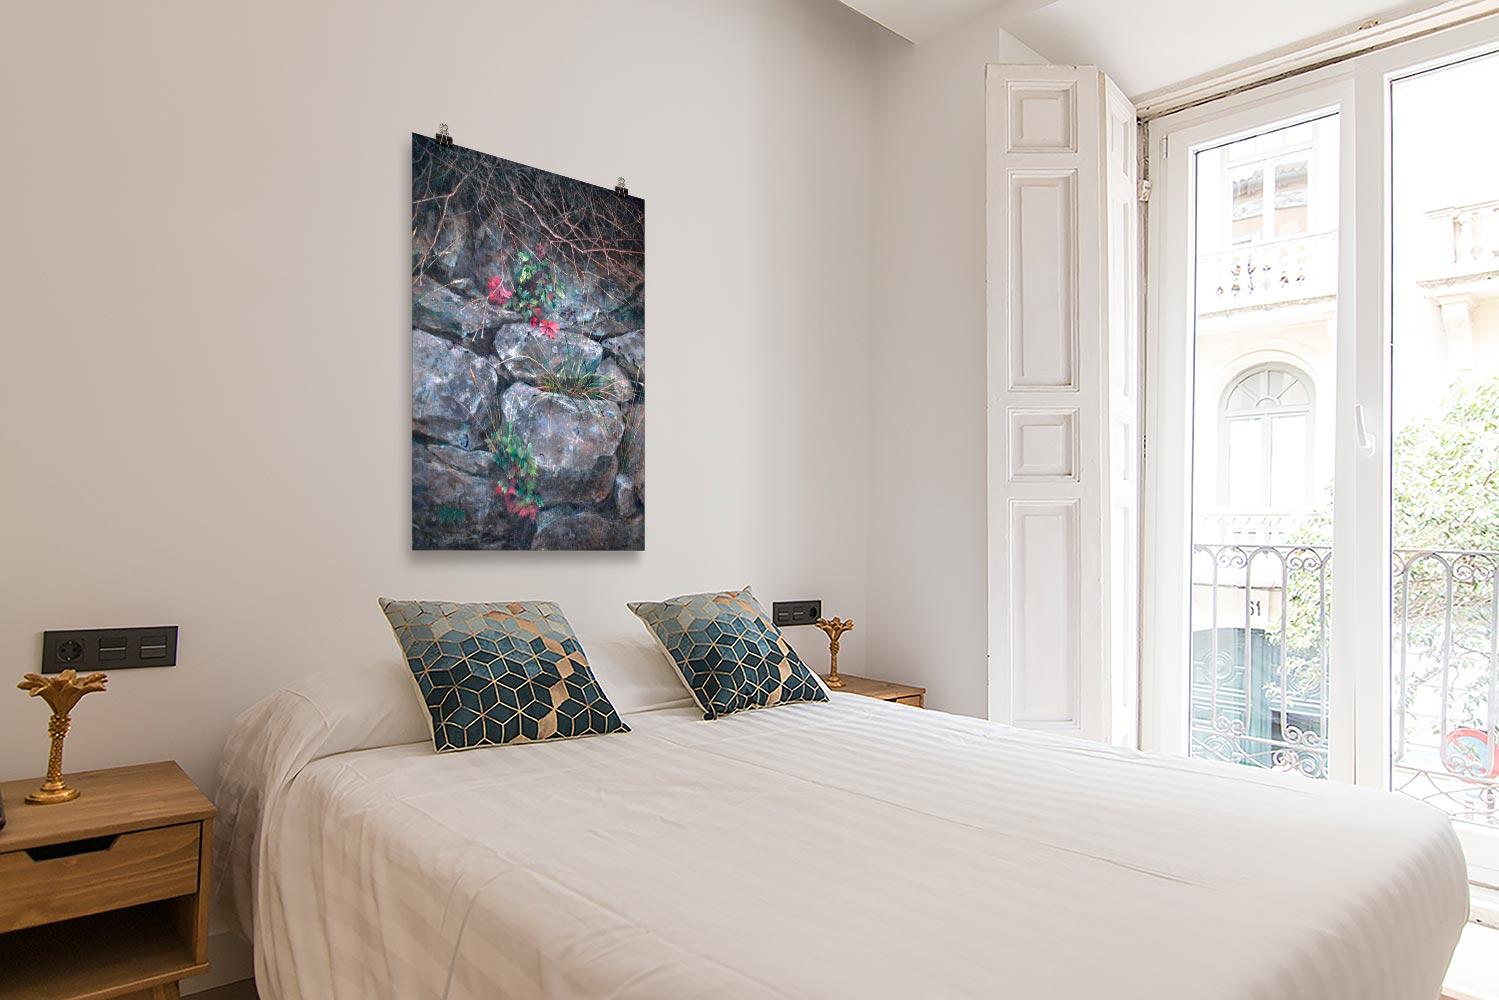 Reproducción de arte en lámina - dormitorio con balcón - Supervivientes - Óleo - Naturalismo-pintado por Fernando Pagador